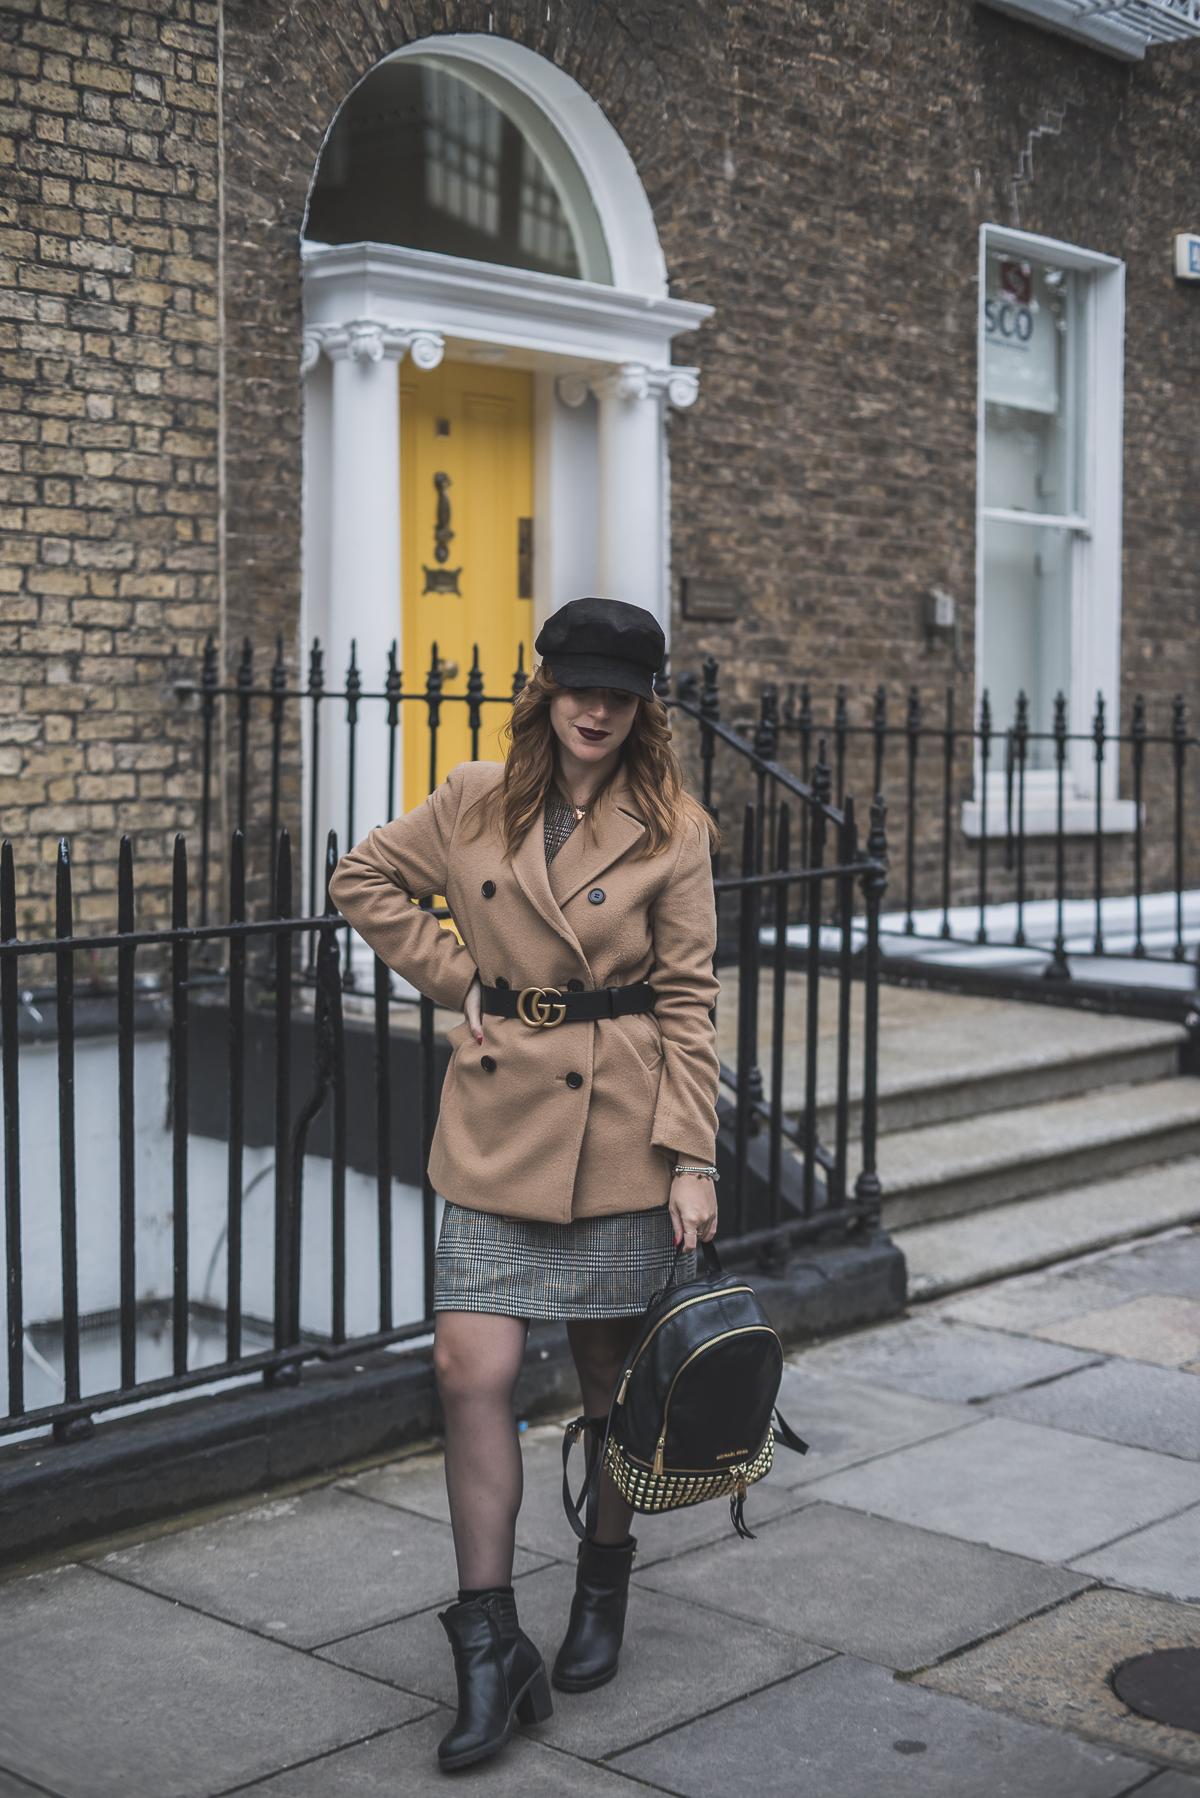 0937e6ecccf ... Tartan dress and bakery - vestito tartan e cappello da capitano ...